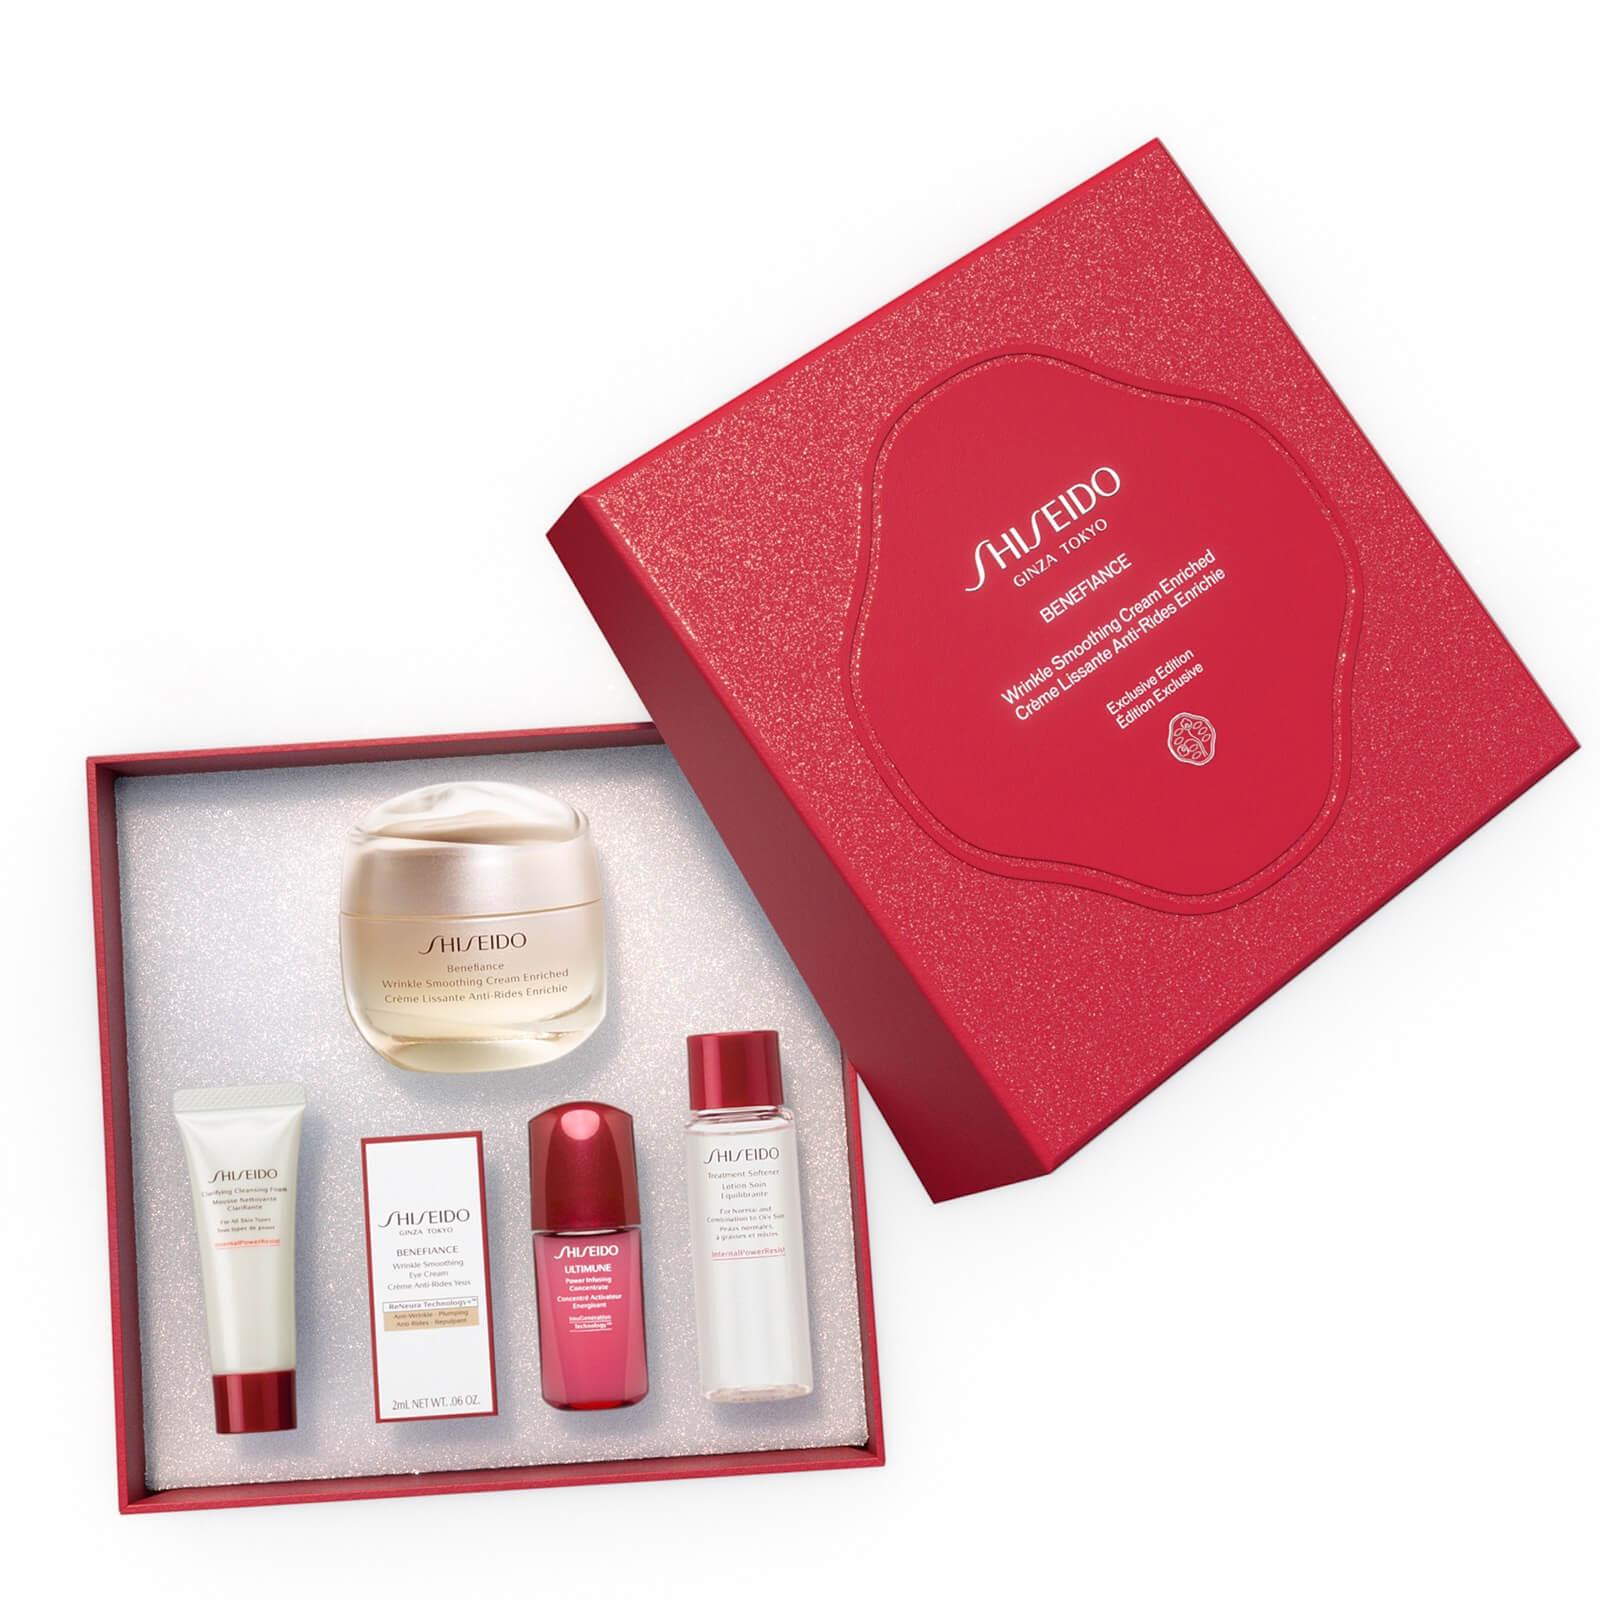 Shiseido Benefiance Wrinkle Smoothing Cream Enriched Holiday Kit (Worth £119.81)